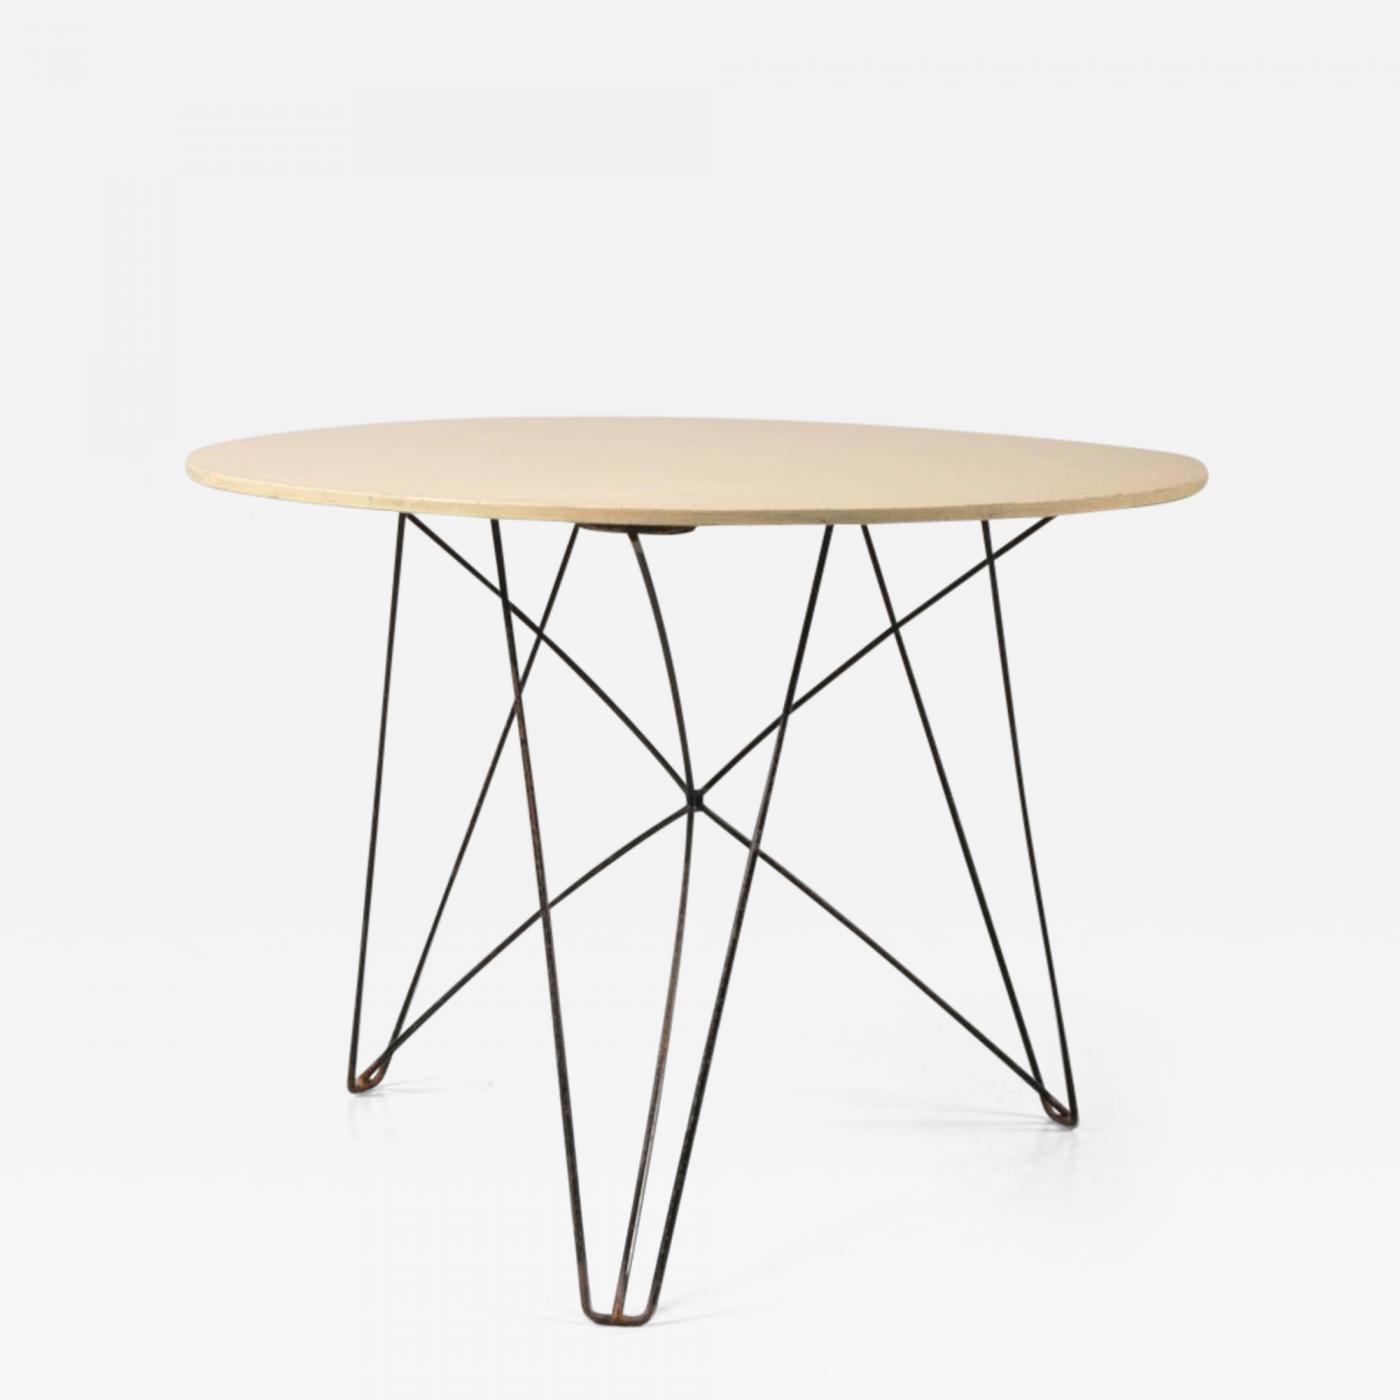 Side Table Nieuw.Constant Nieuwenhuijs 1953s Ijhorst Coffee Table By Constant Nieuwenhuijs For T Spectrum Netherlands